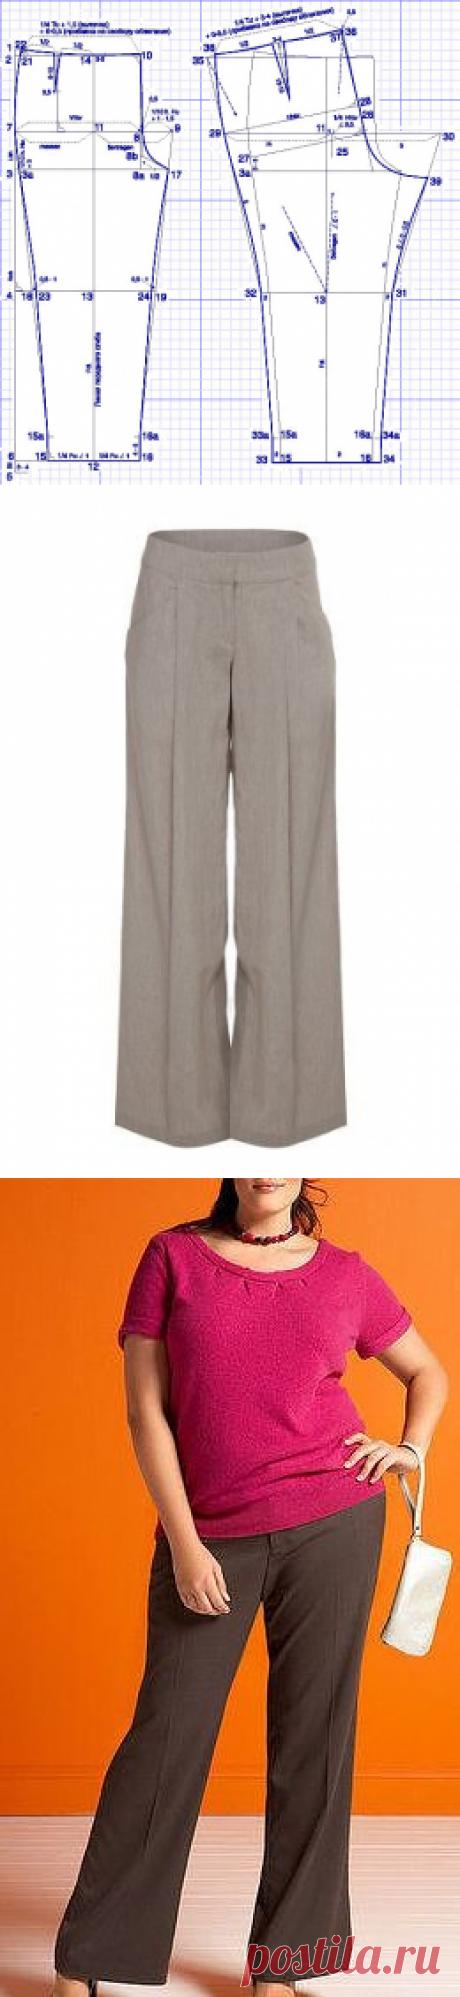 Выкройка брюк для полных женщин